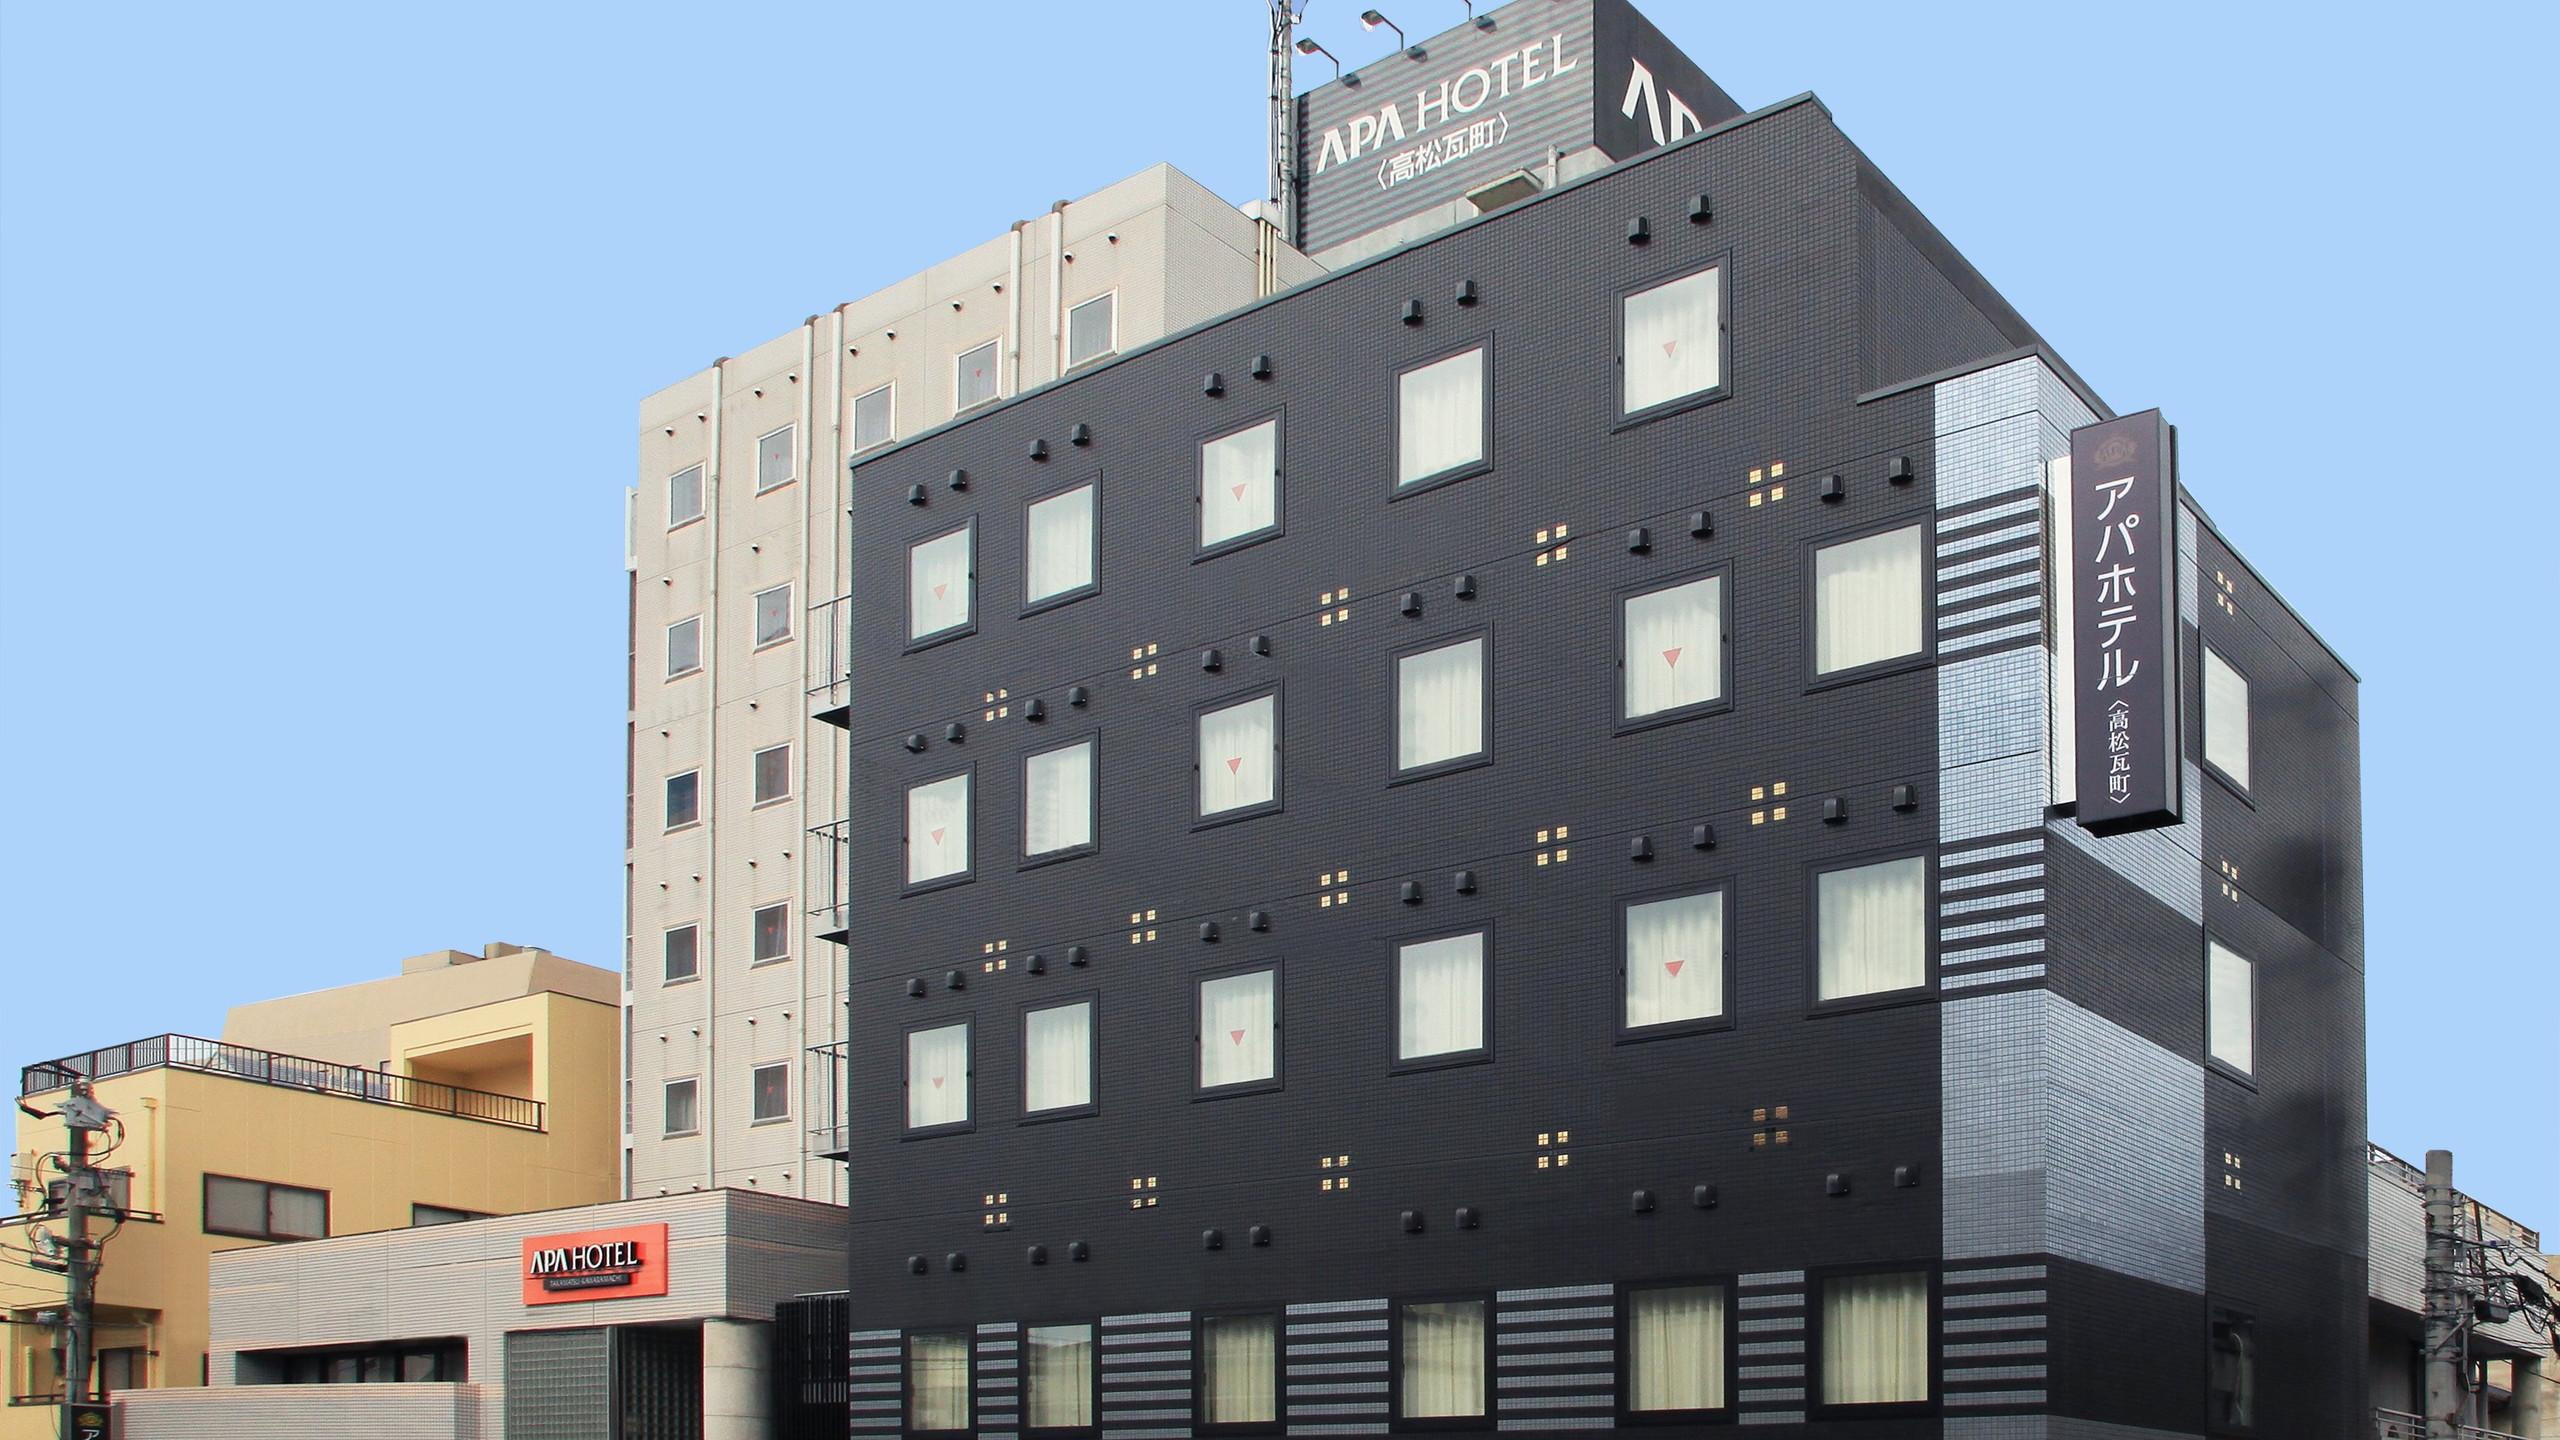 アパホテル 高松瓦町◆楽天トラベル